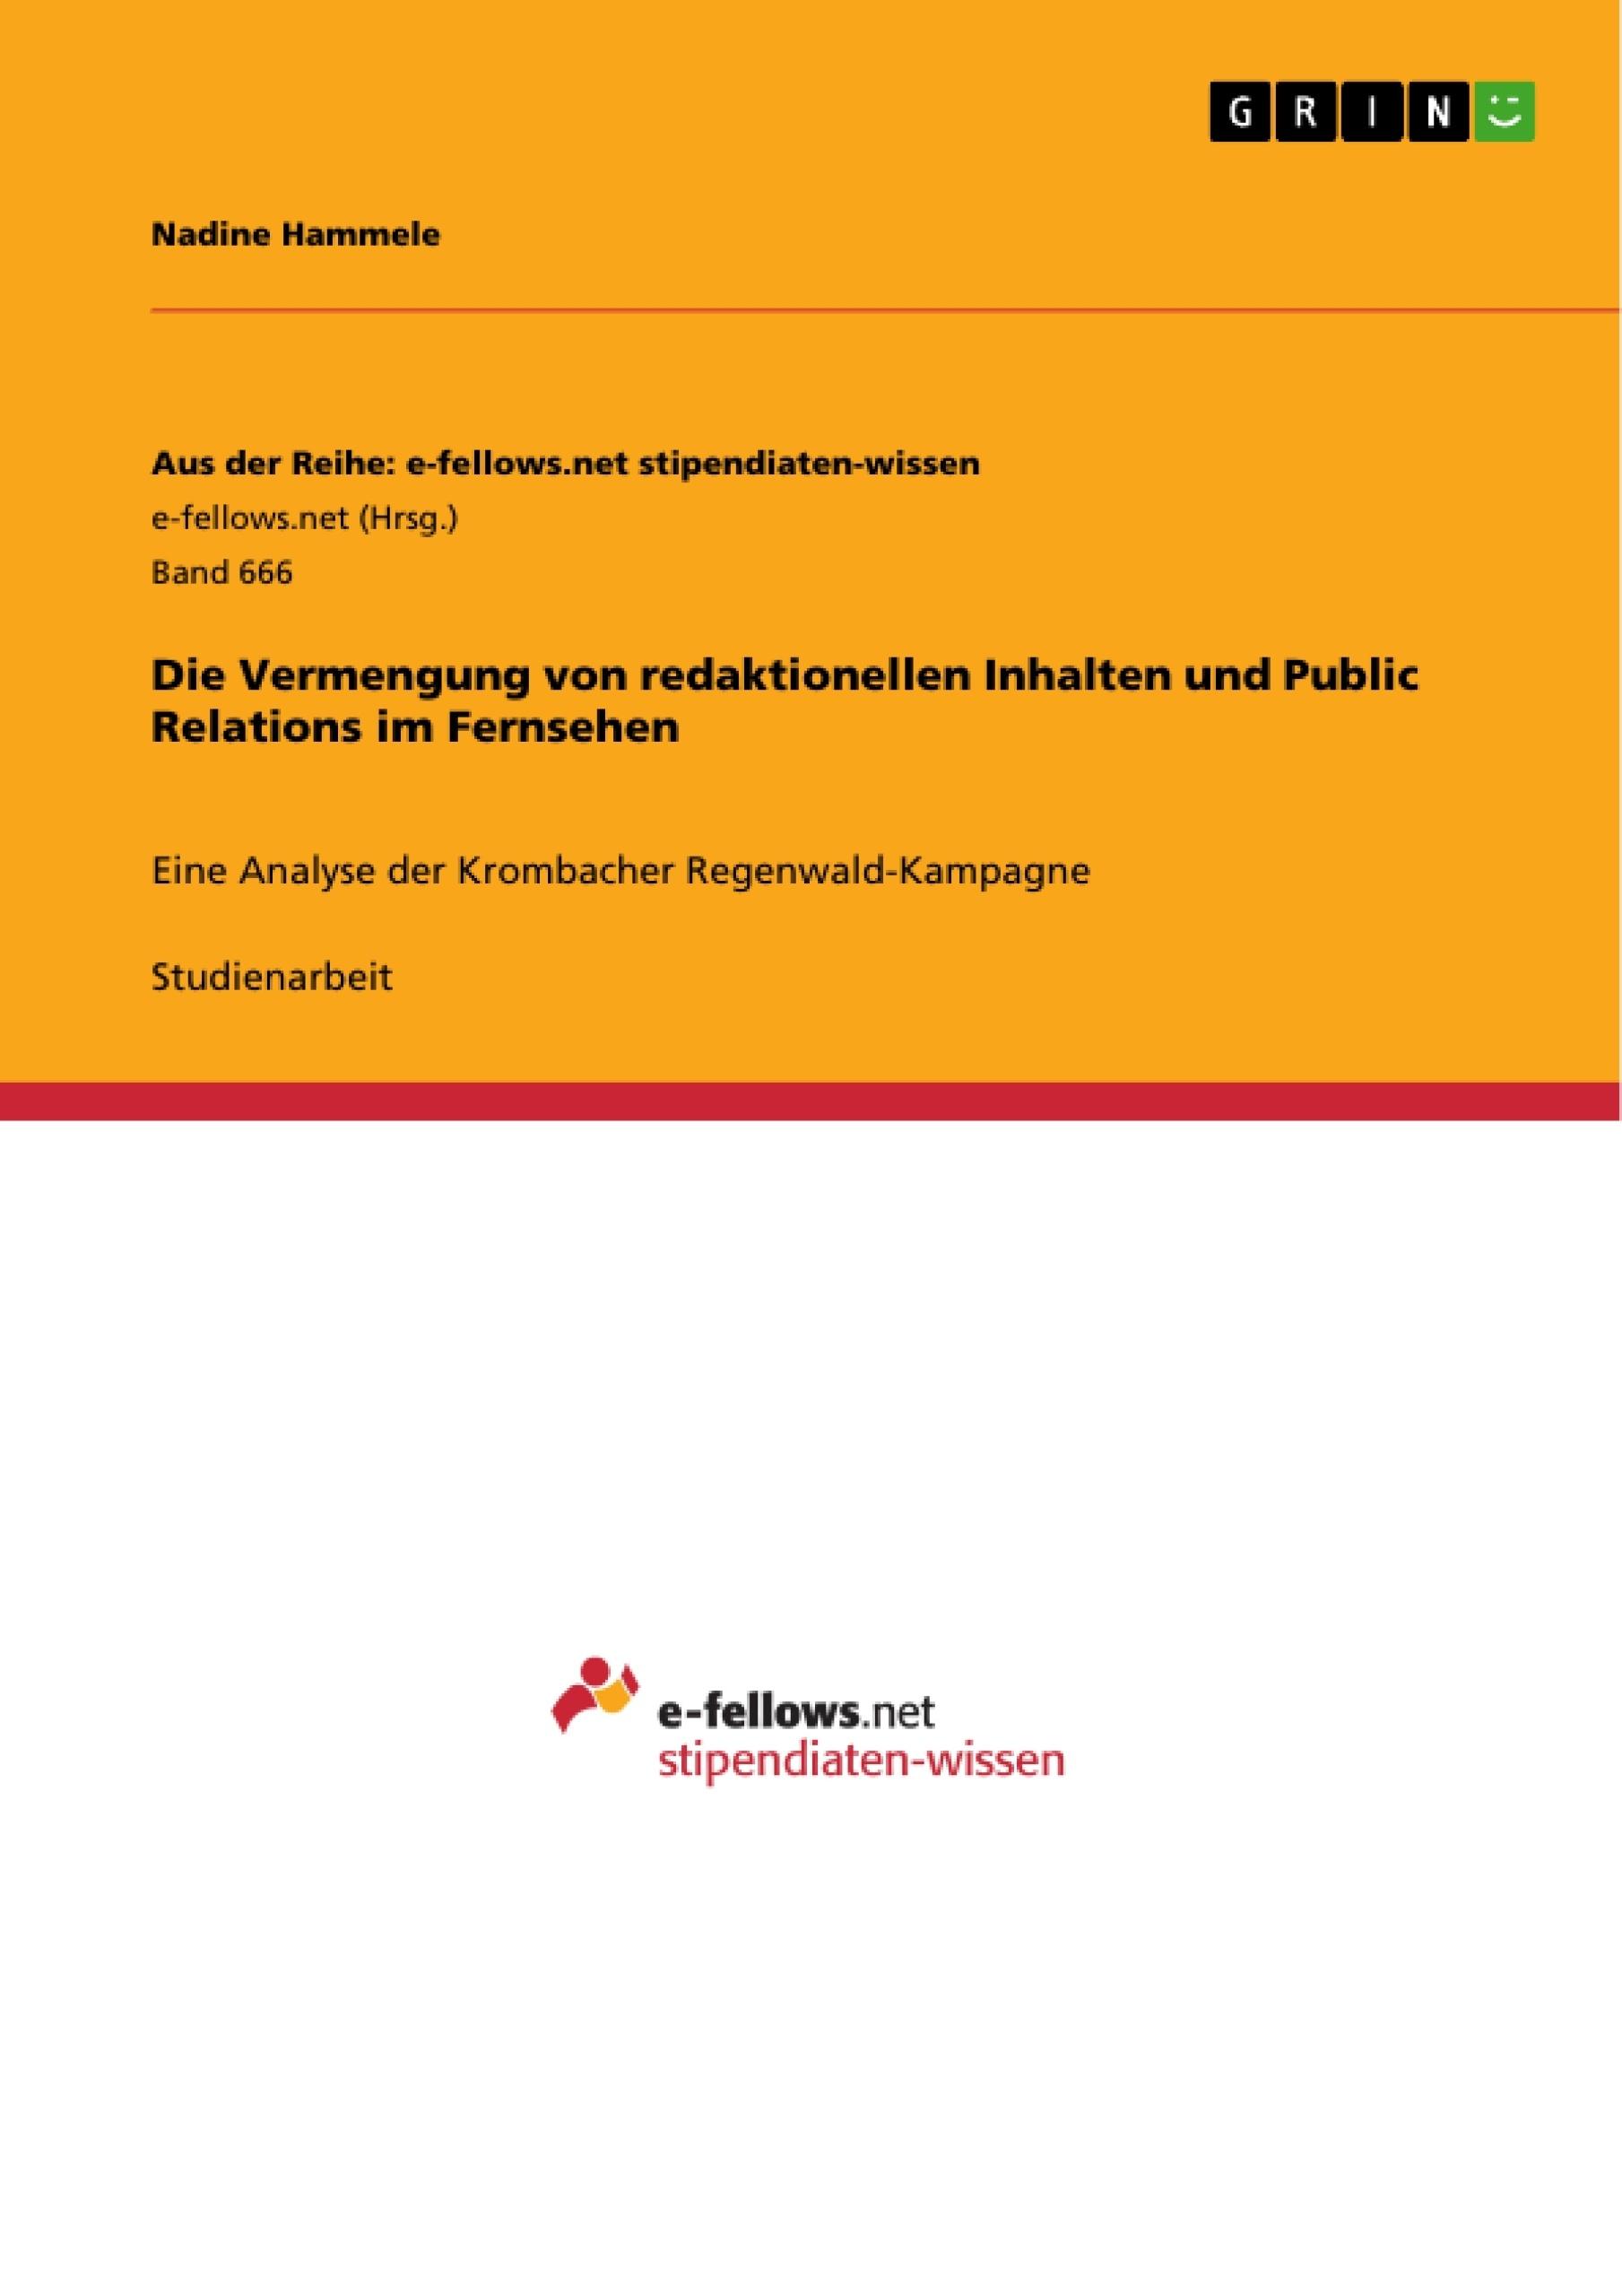 Titel: Die Vermengung von redaktionellen Inhalten und Public Relations im Fernsehen